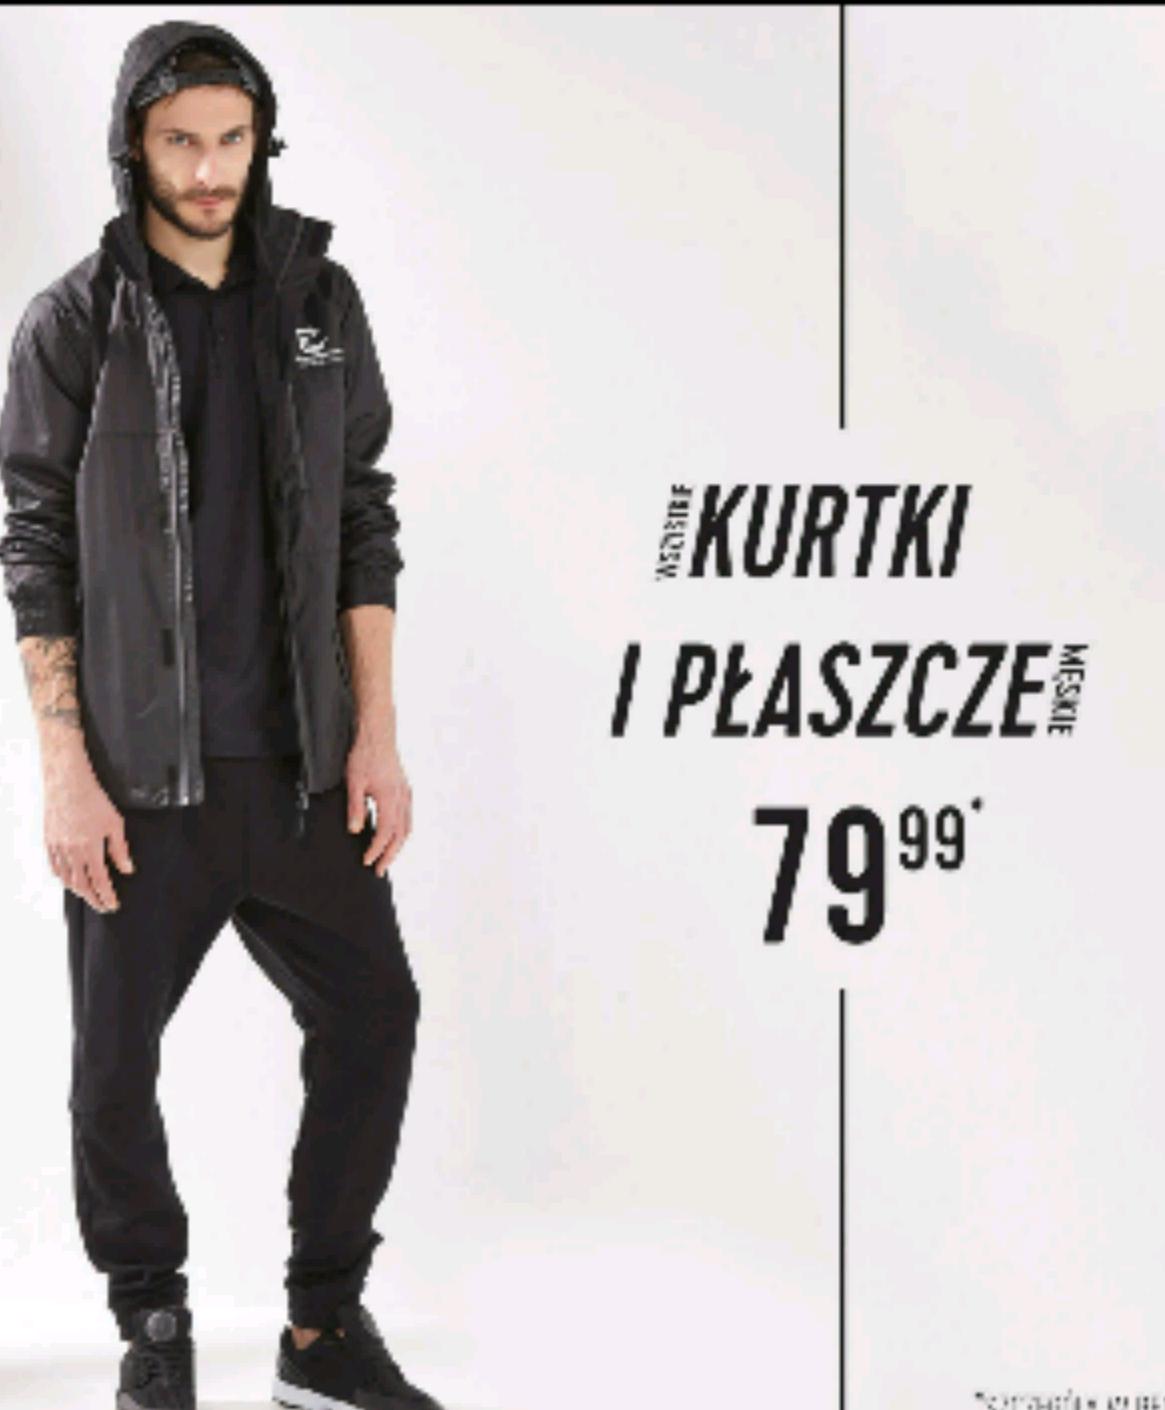 House - Kurtki i płaszcze za 79.99 zł !